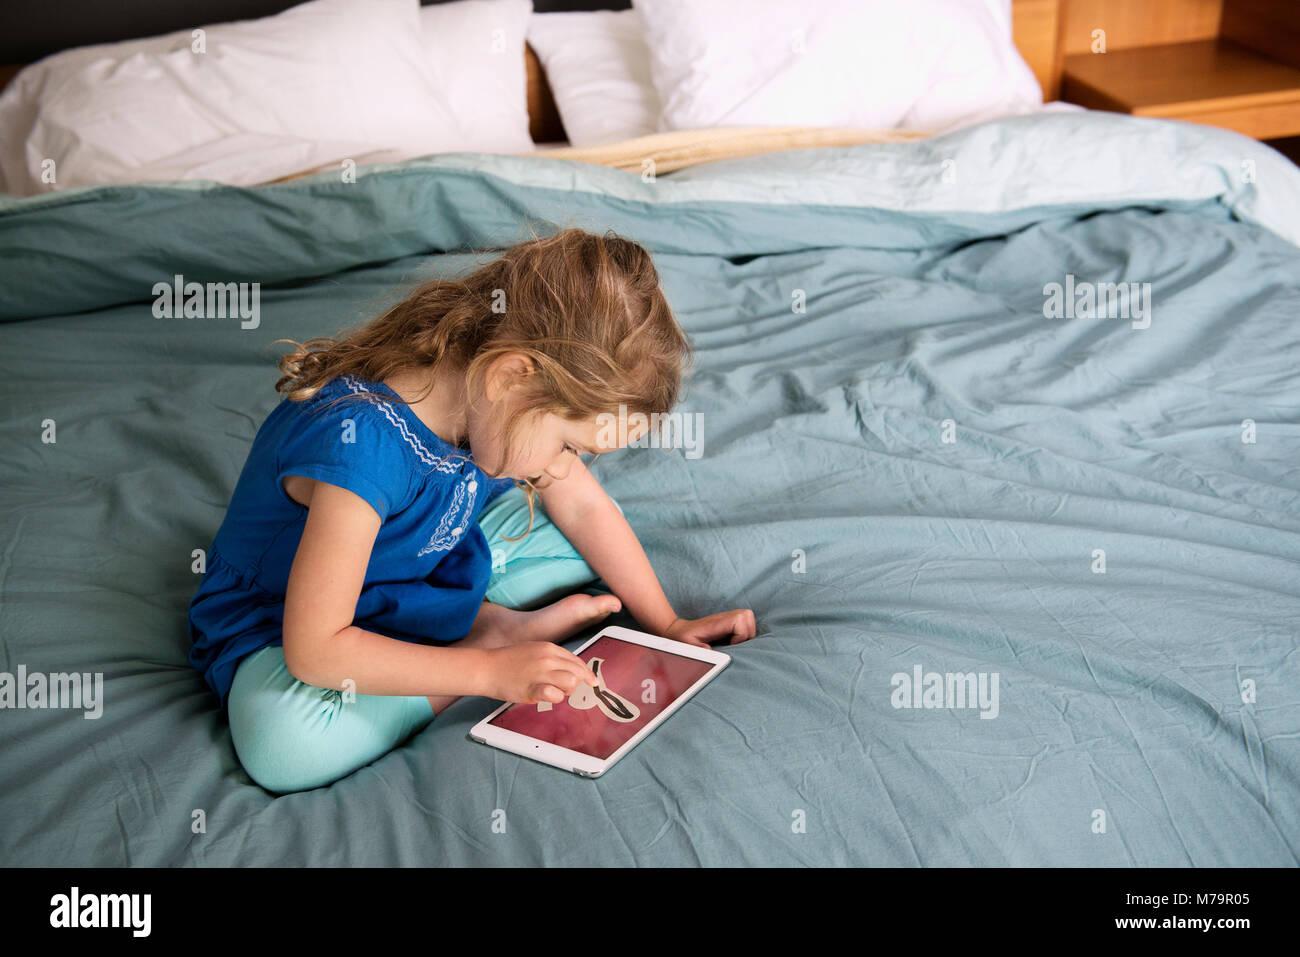 Una ragazza utilizzando un ipad mini per imparare a scrivere. Foto Stock